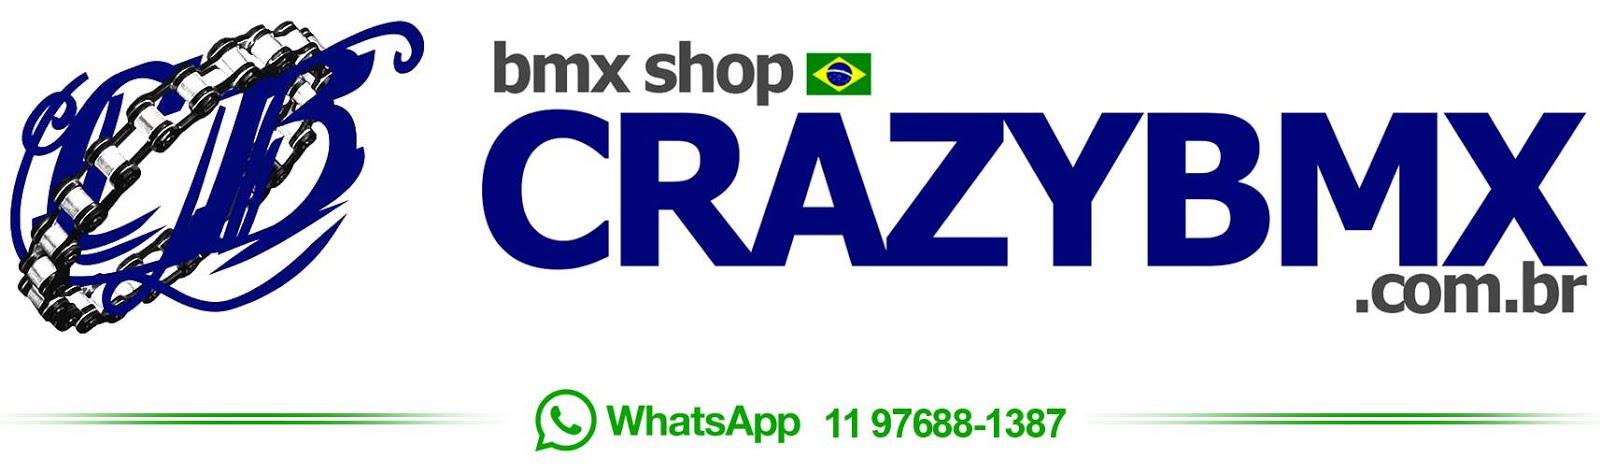 CRAZY BMX - Loja especializada em BMX